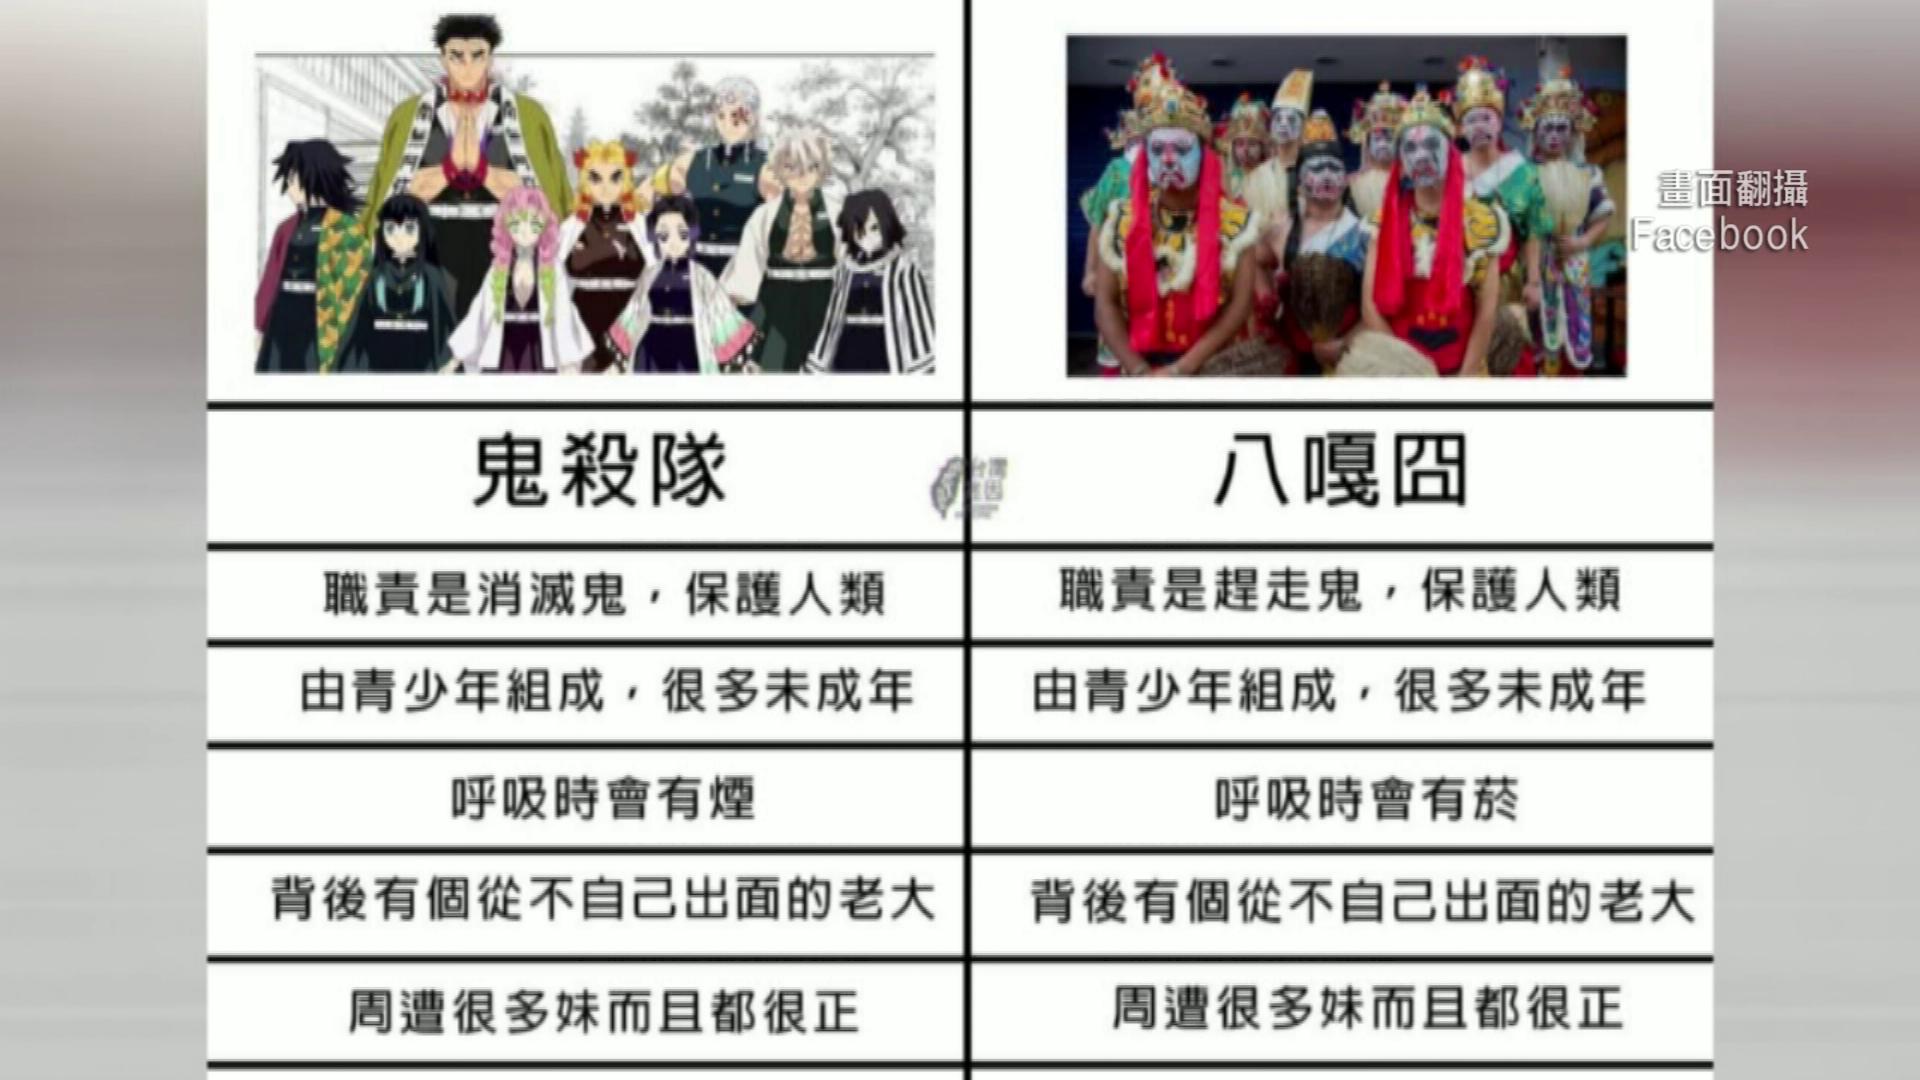 台灣也有鬼殺隊?網抓人物對比 笑稱: 似「八家將」